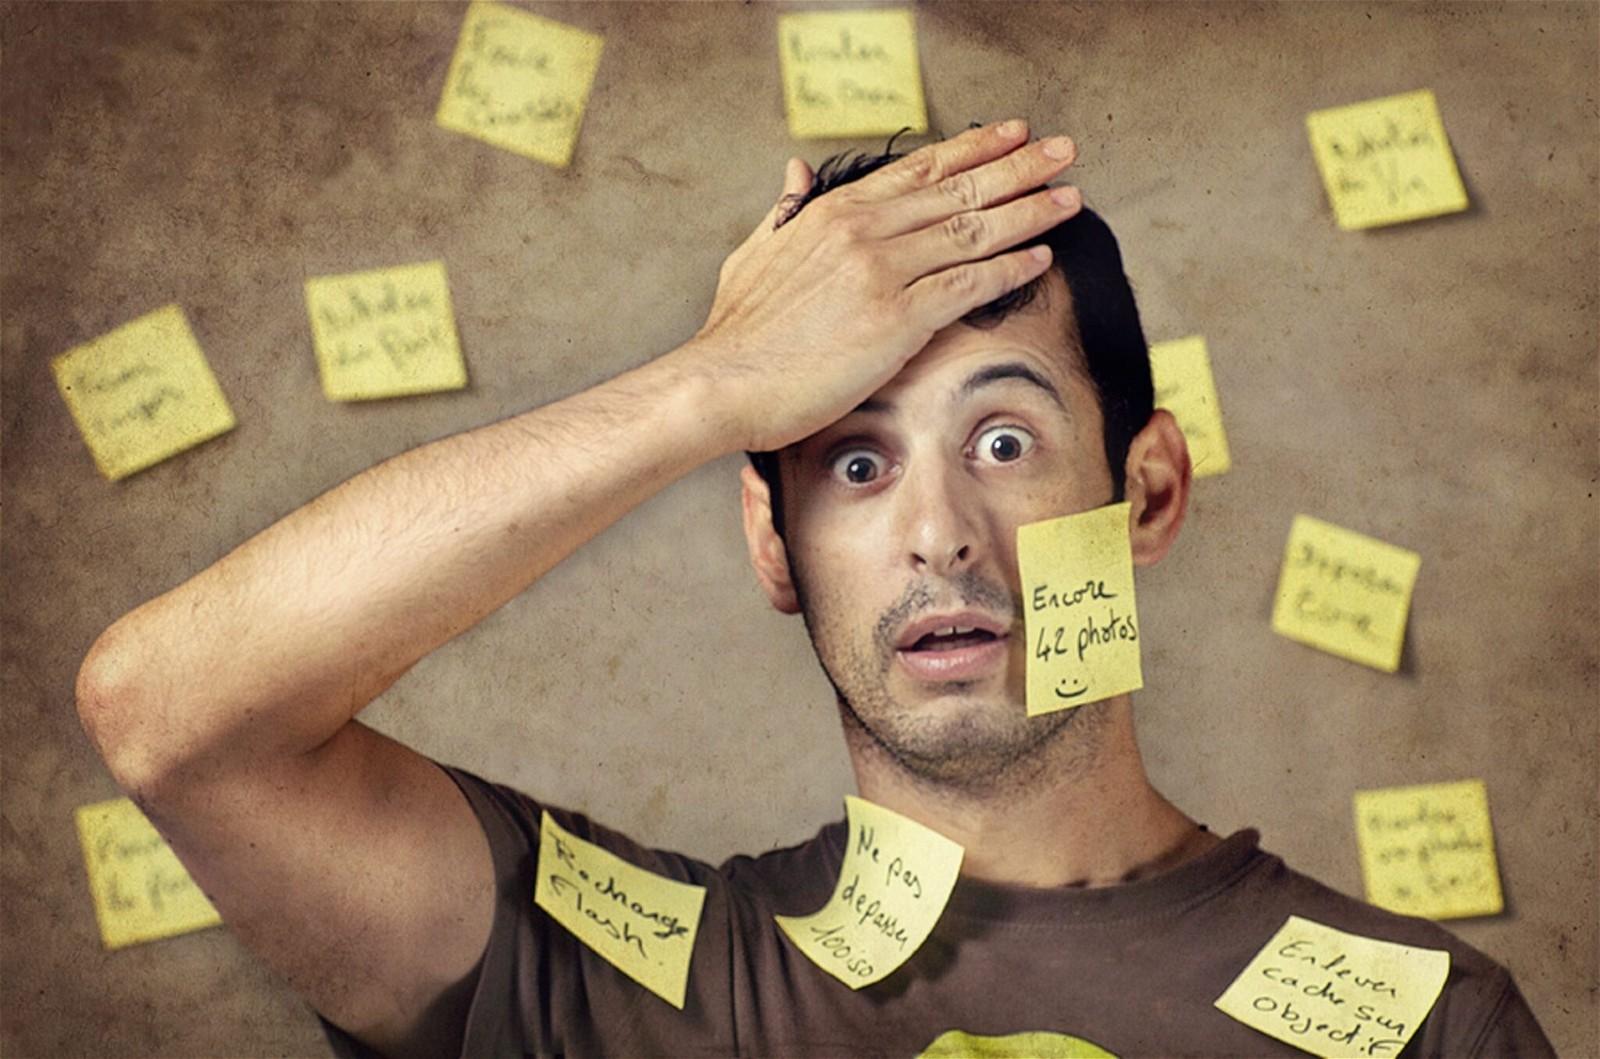 Rối loạn nhận thức thần kinh nhẹ: triệu chứng, nguyên nhân và điều trị